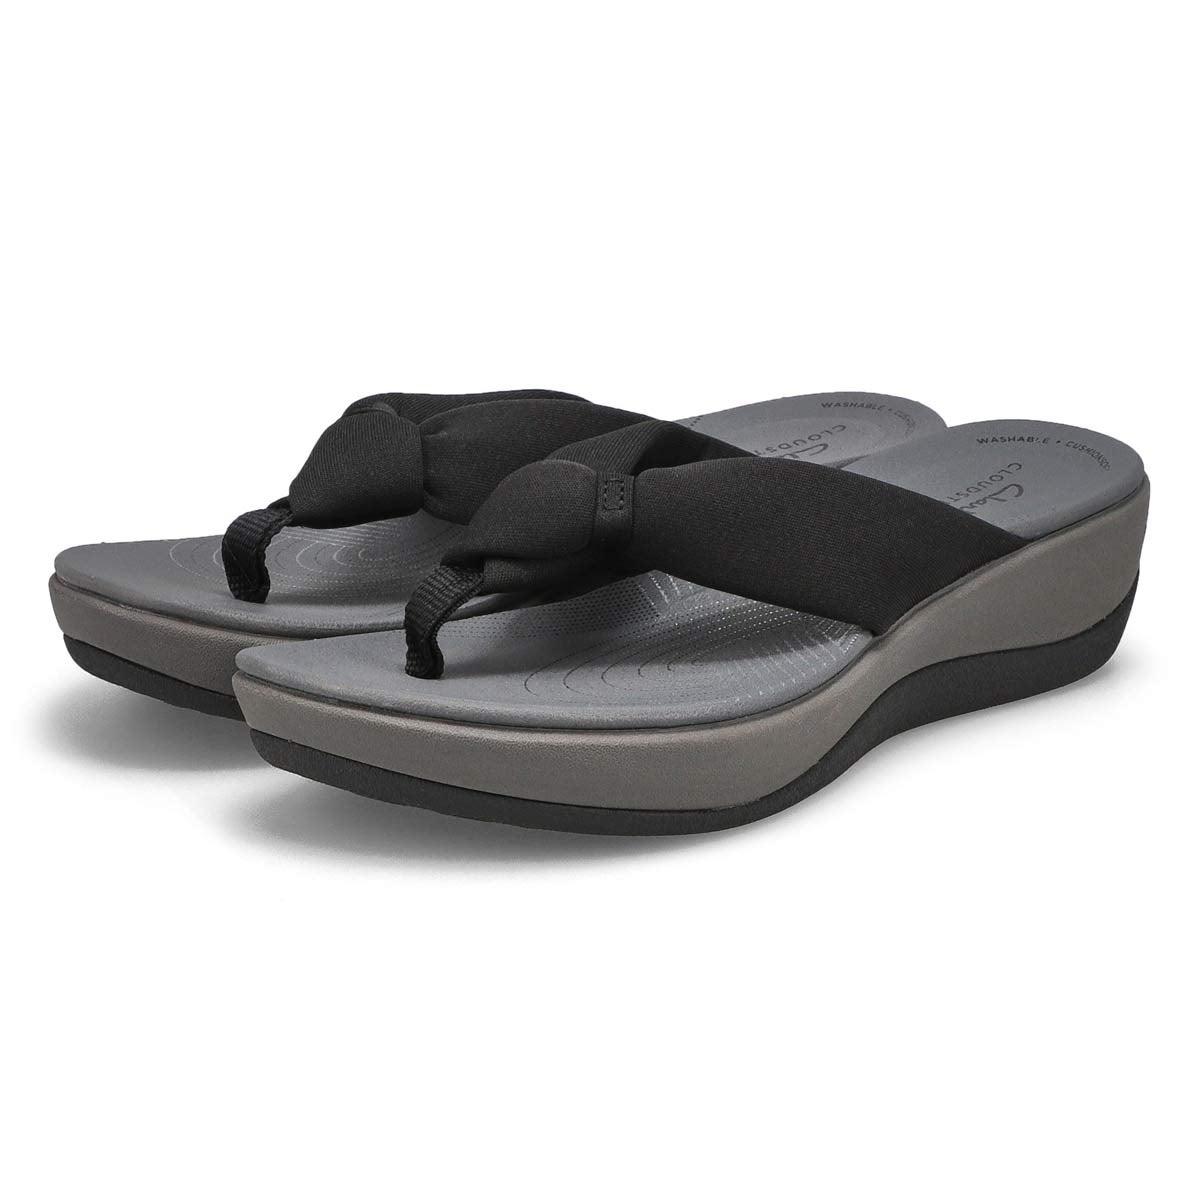 Sandale tong Arla Glison, noir, femme